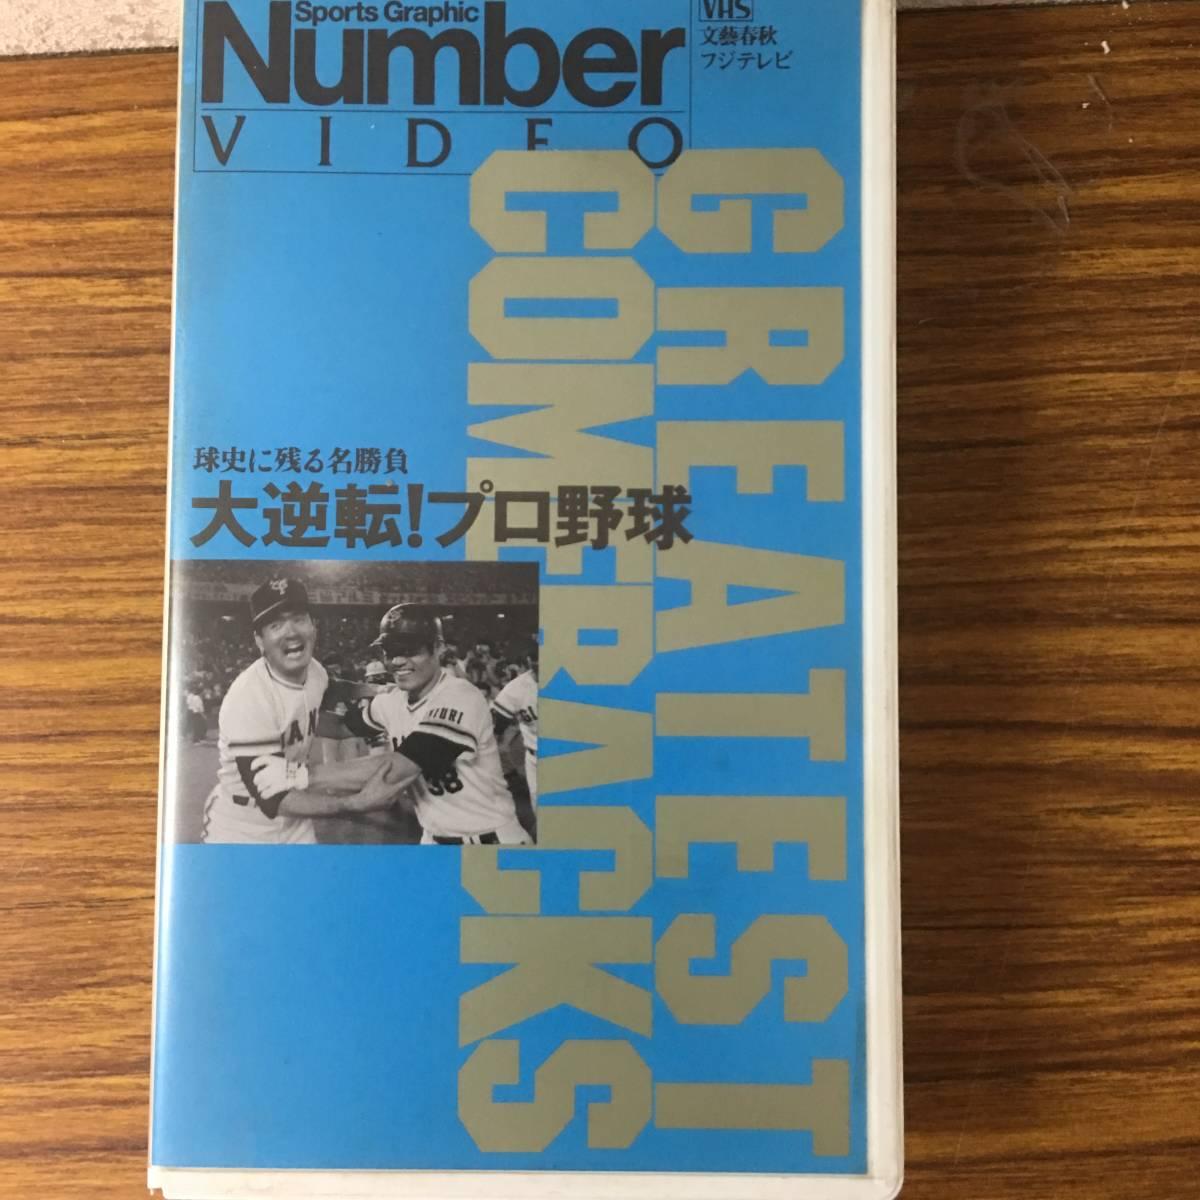 即決 VHSビデオ・Number・ナンバー・歴史に残る名勝負・大逆転!プロ野球 ・レターパックプラス可能です_画像1